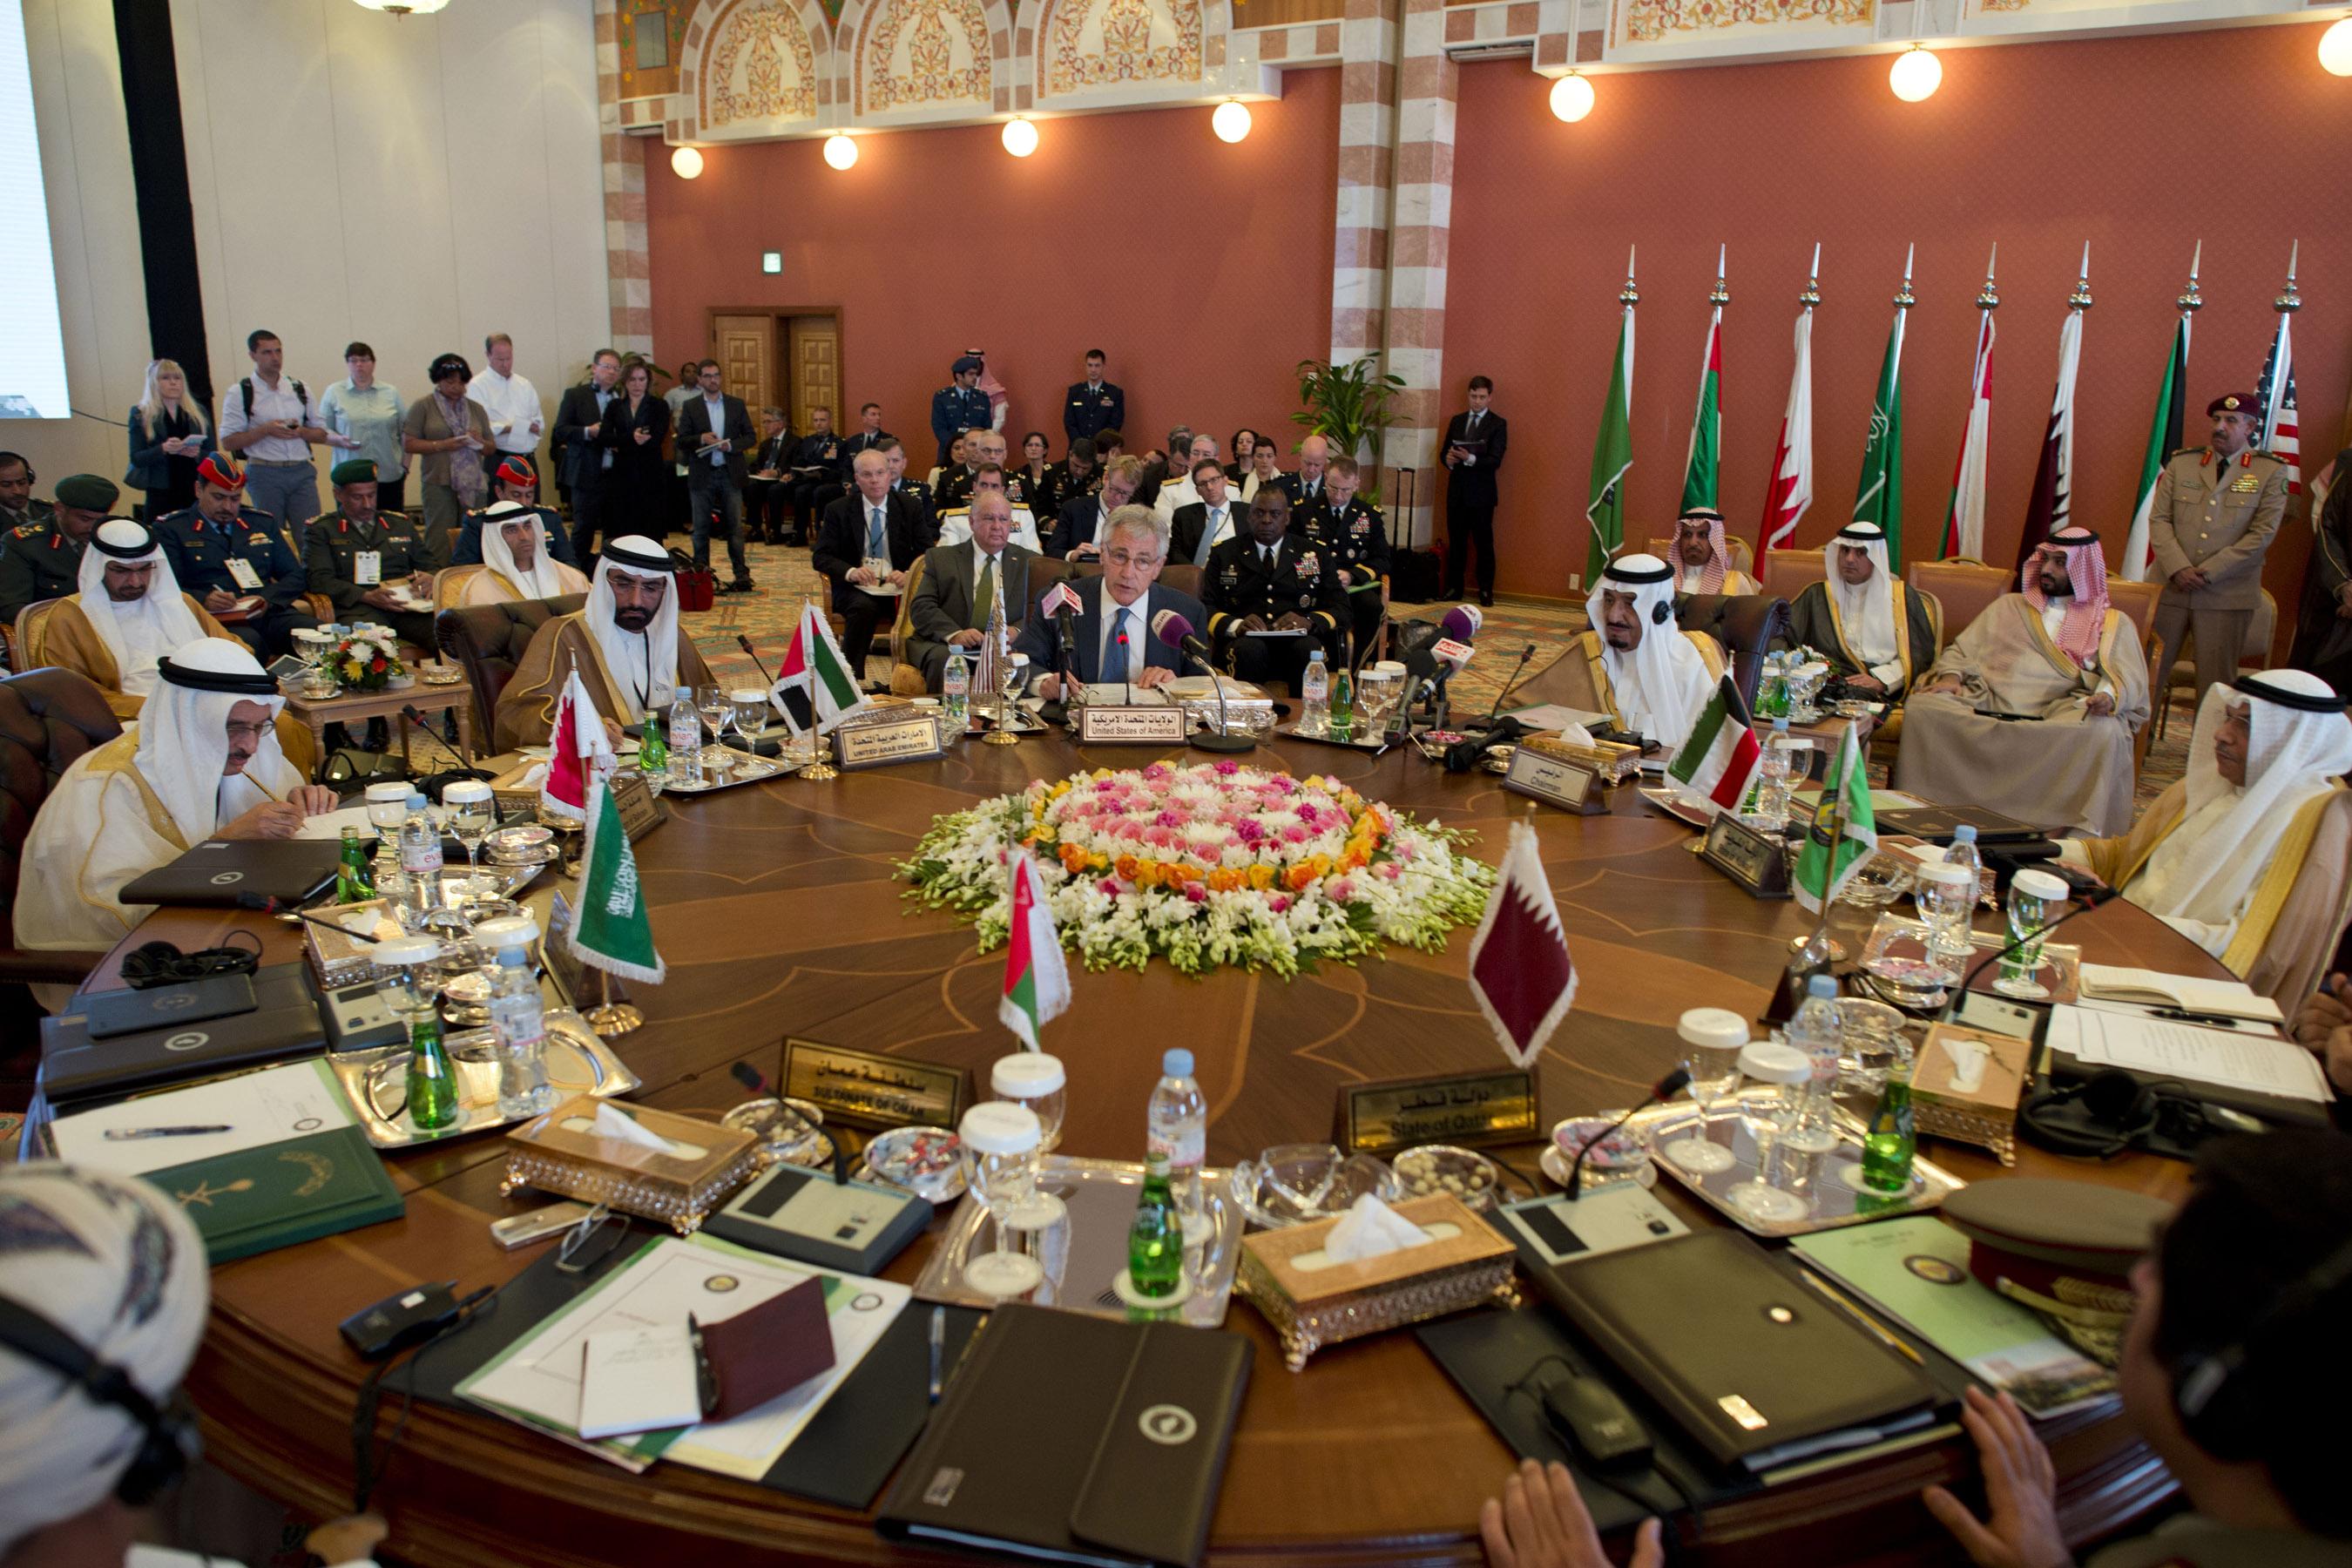 Sito di incontri musulmani in Qatar